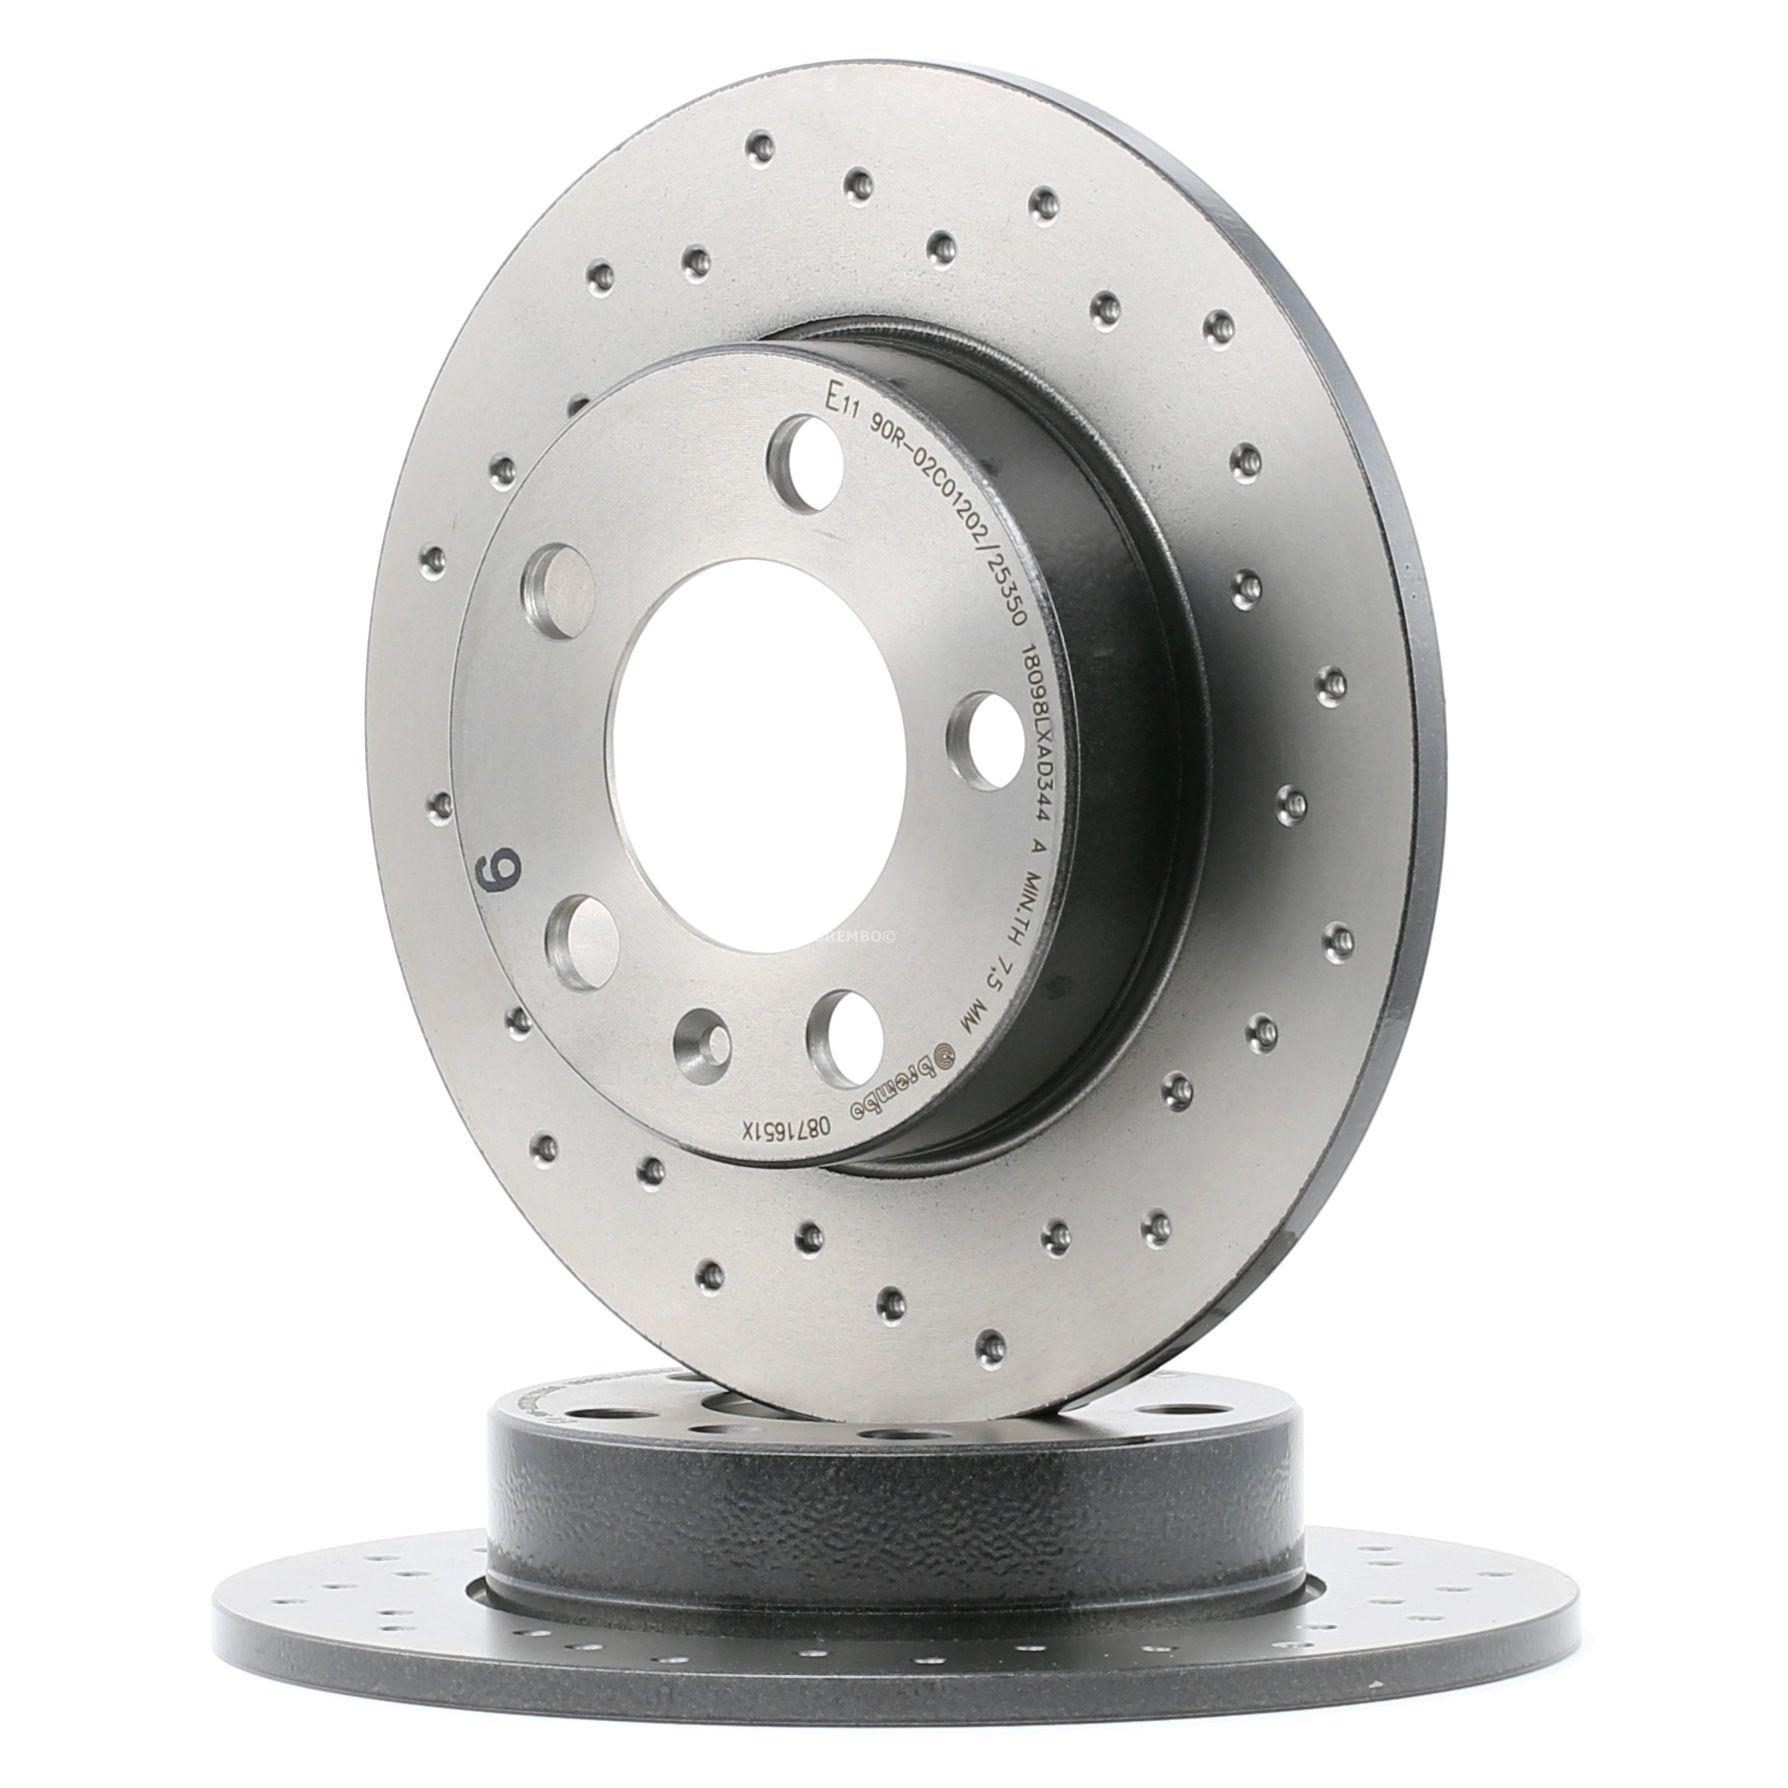 Achetez Disque de frein BREMBO 08.7165.1X (Ø: 230mm, Nbre de trous: 5, Épaisseur du disque de frein: 9mm) à un rapport qualité-prix exceptionnel